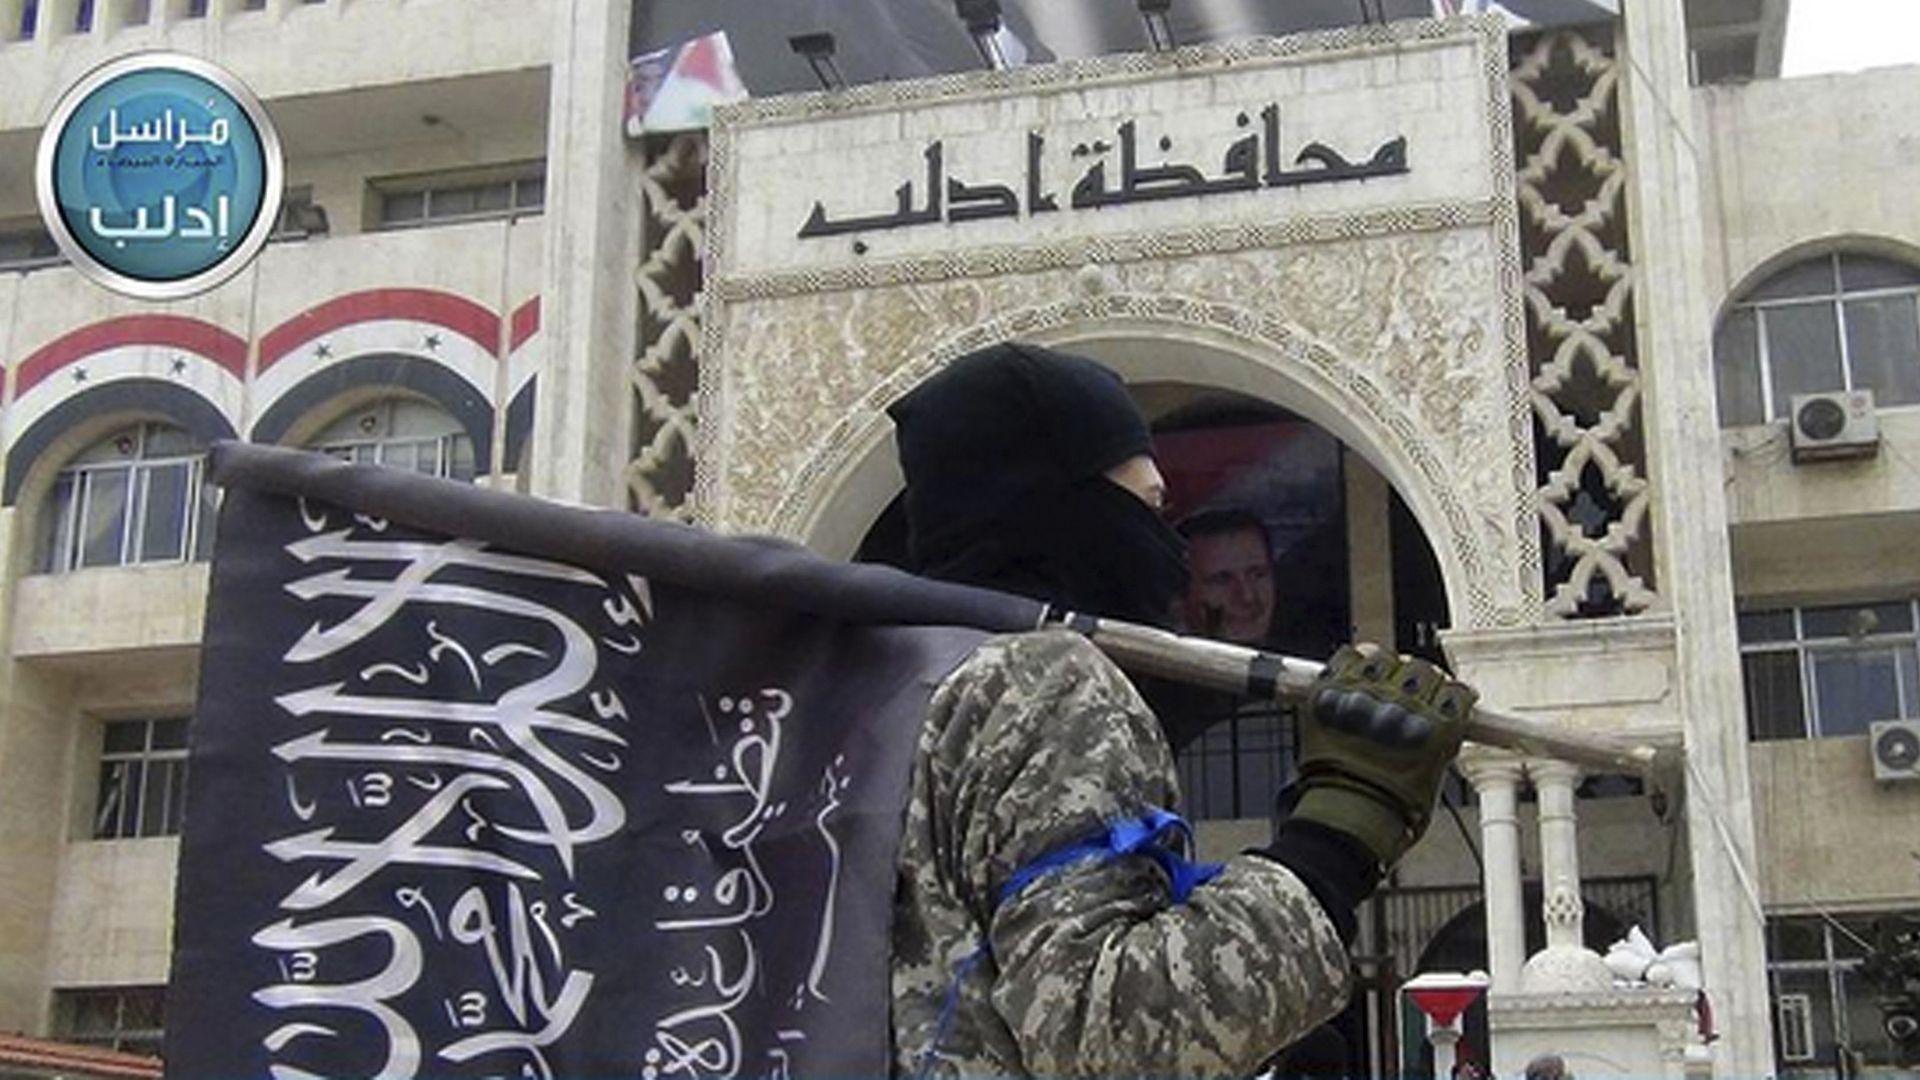 Masked al-Nusra fighter with flag